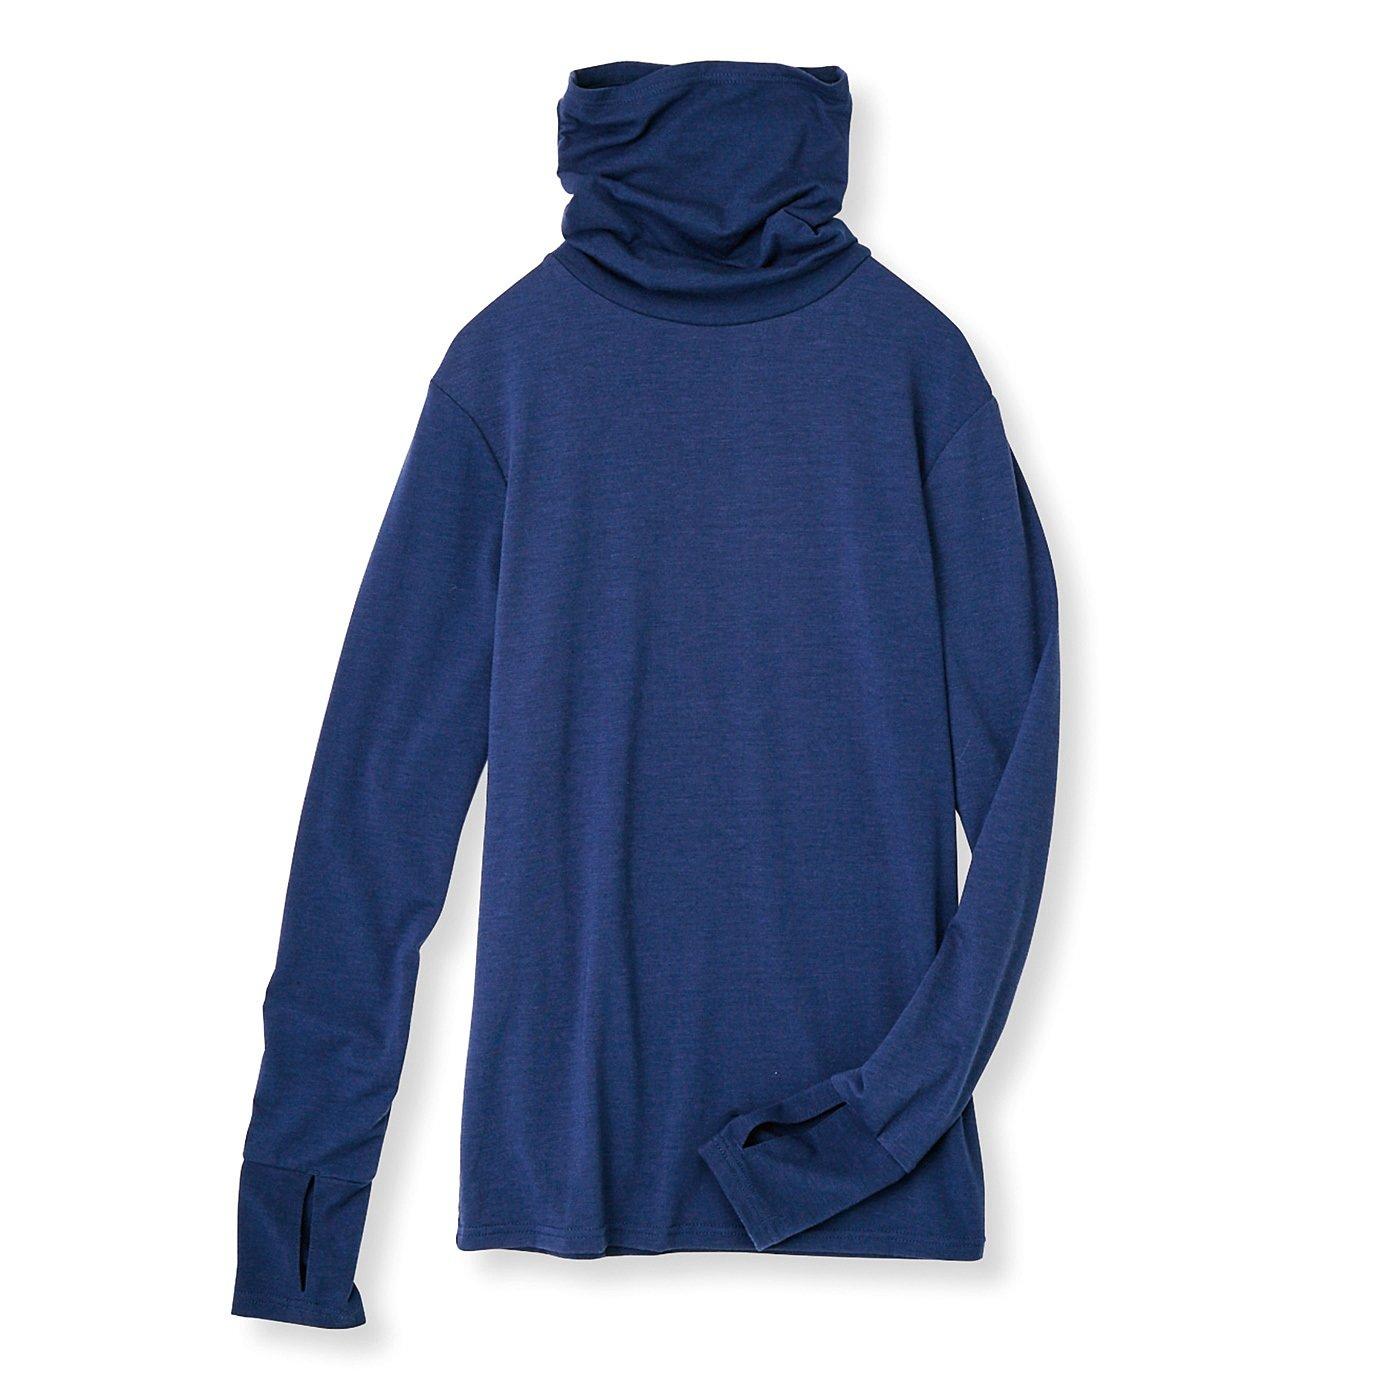 フラウグラット フェイス&アームカバーが一体化 重ね着にも便利なのびのびトップス〈UV対策/吸水速乾〉の会